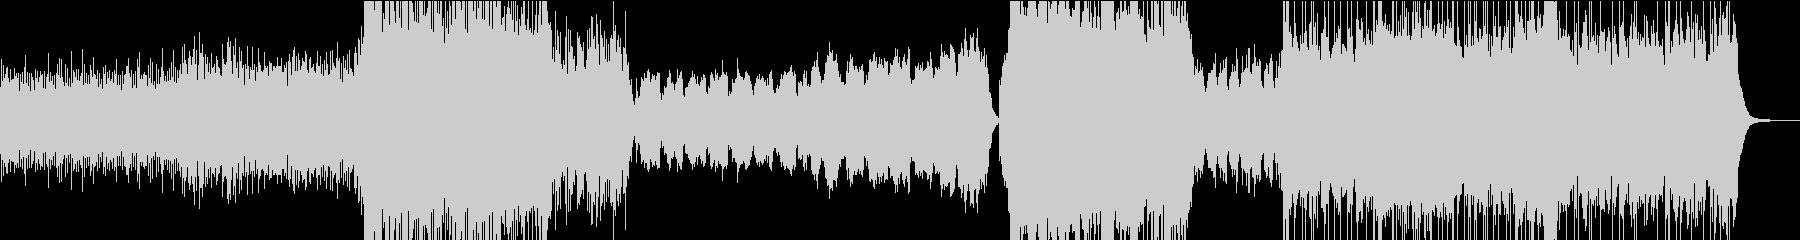 壮大な劇伴/メインテーマ/アニメ/ロボの未再生の波形